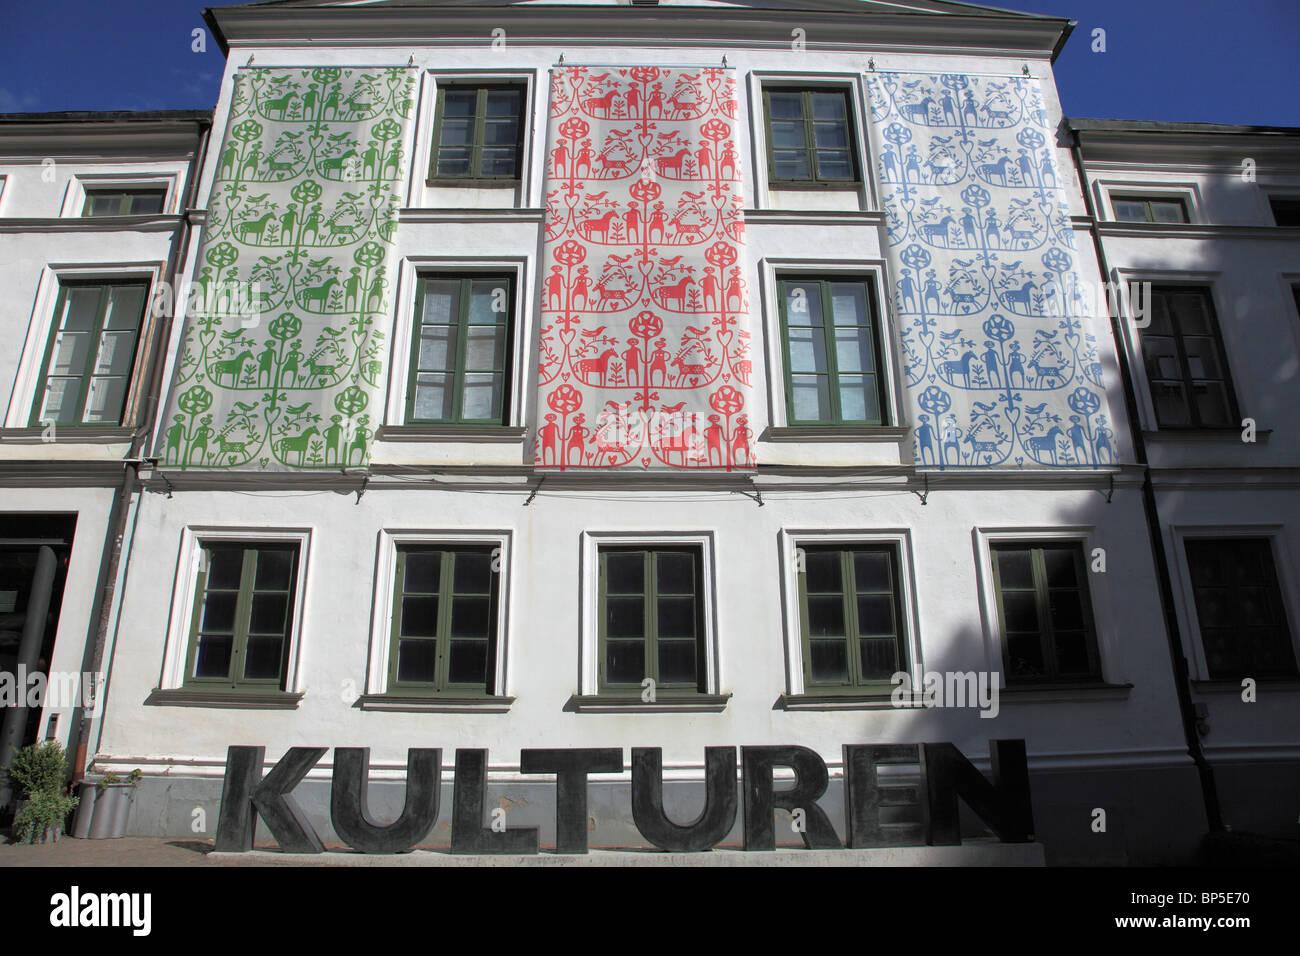 Sweden, Lund, Kulturen Museum entrance, - Stock Image